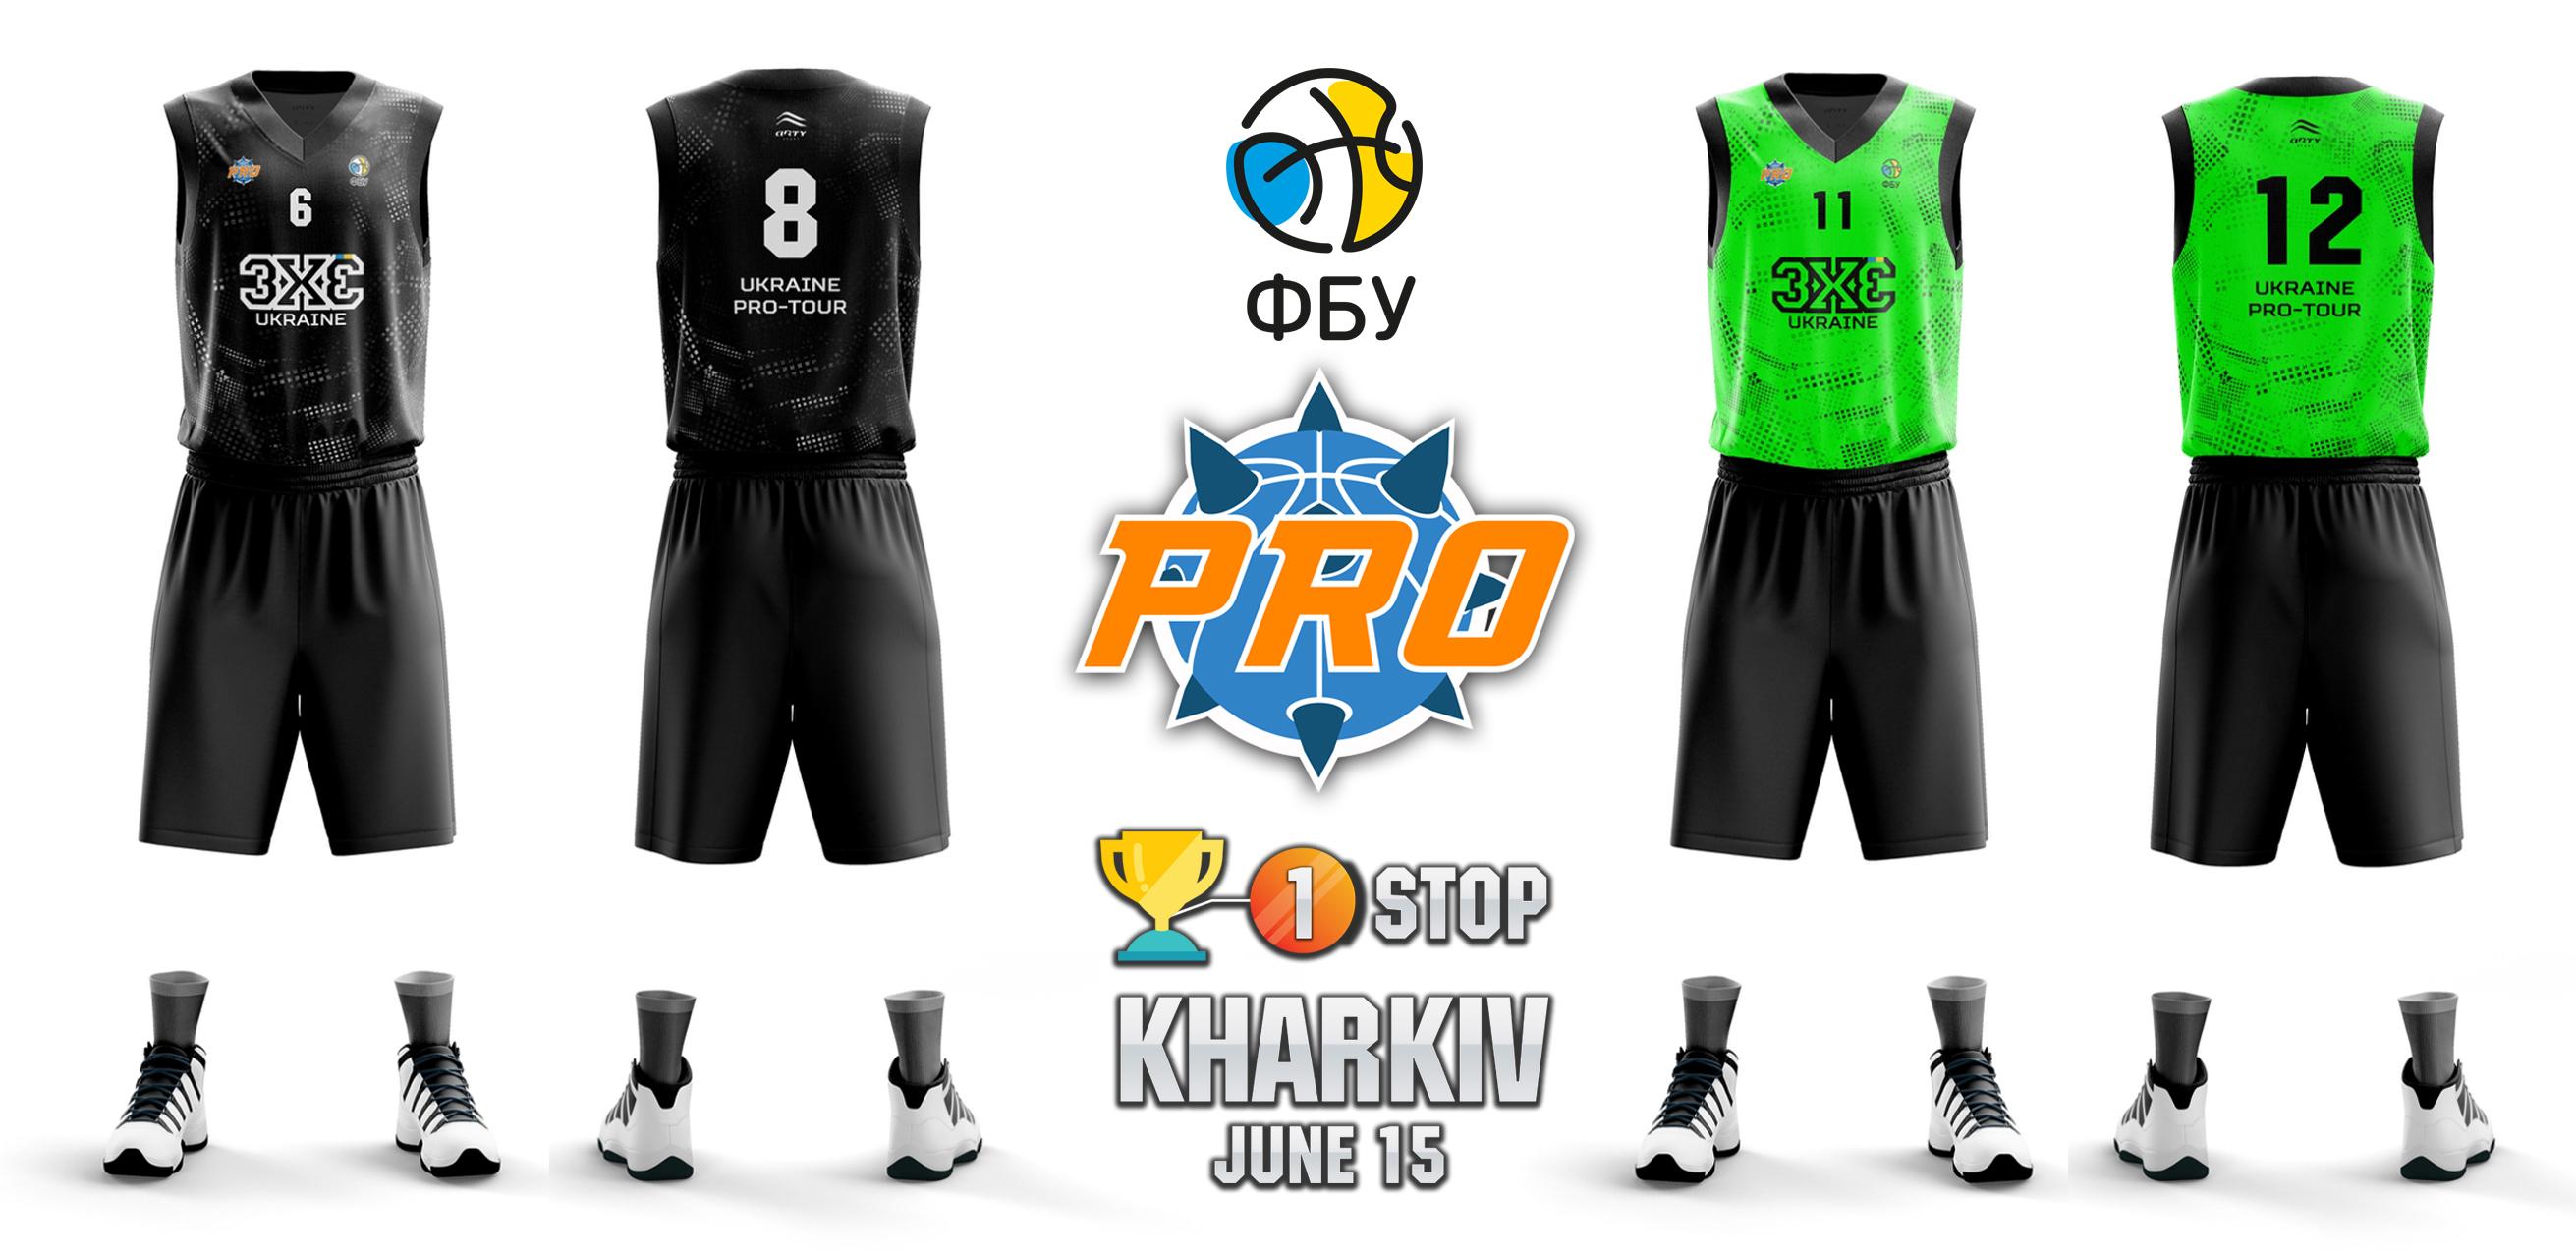 У Харкові стартує літній чемпіонат України з баскетболу 3х3